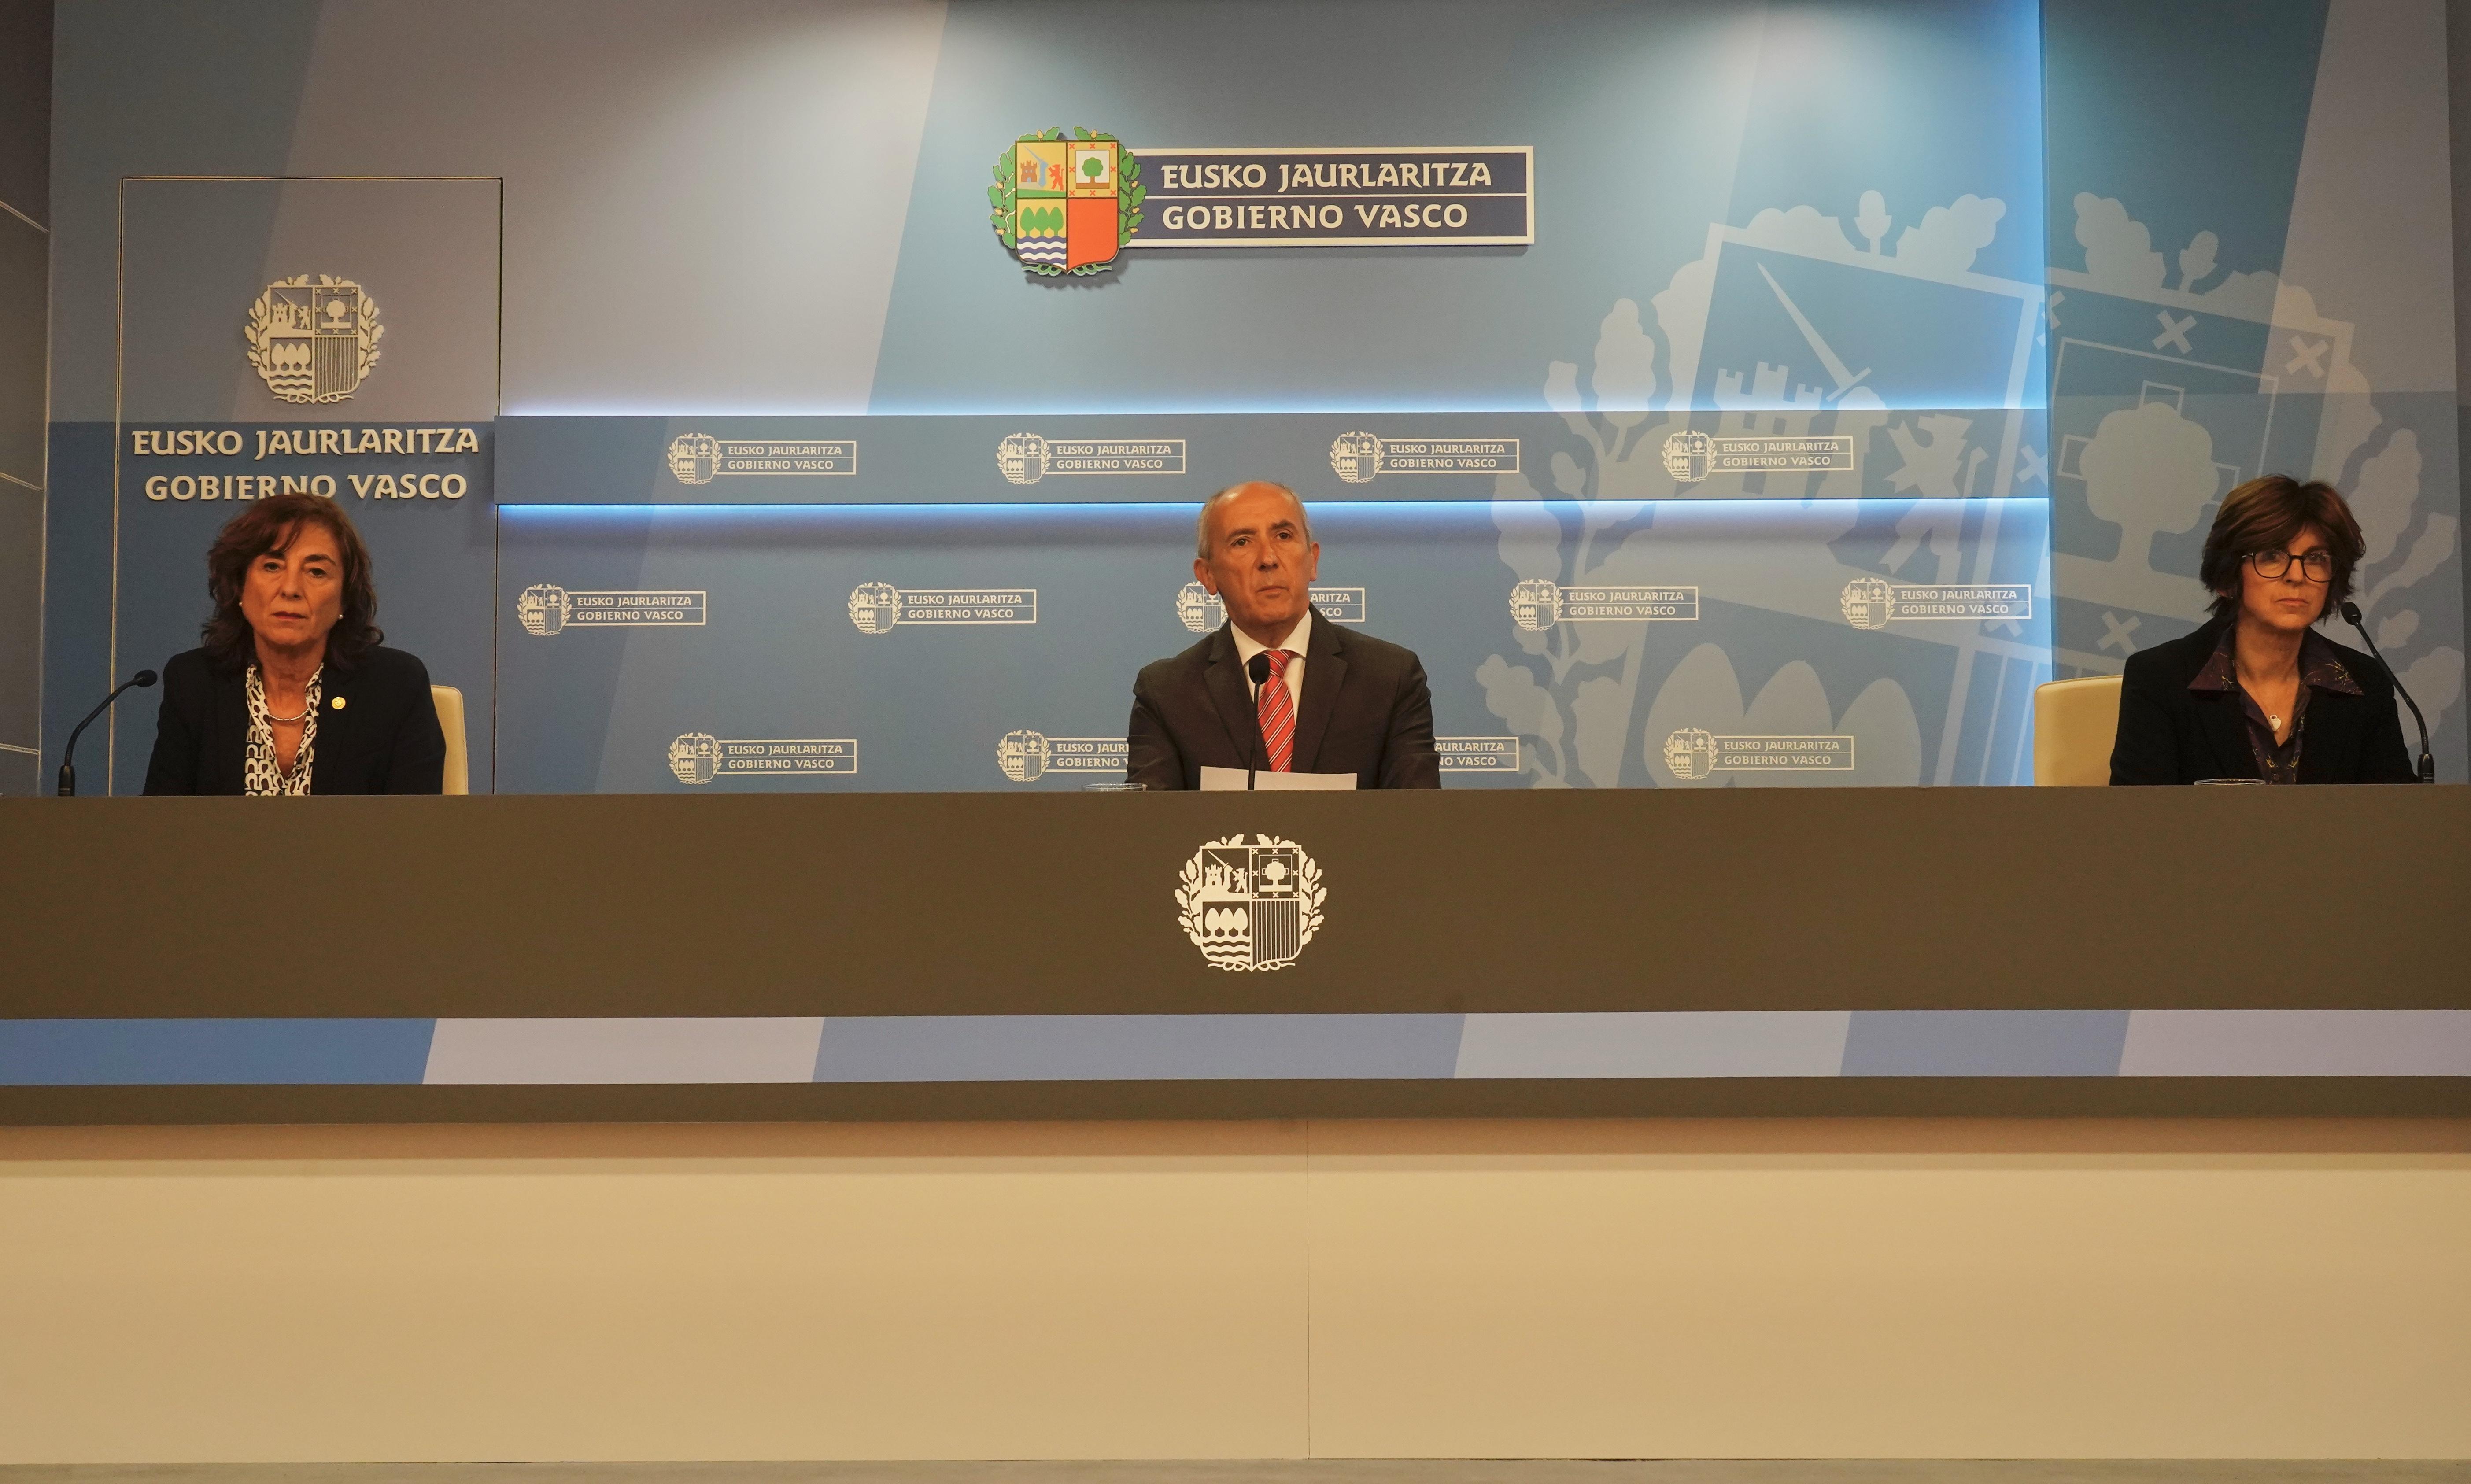 Los Gobiernos vasco y español acuerdan celebrar una Comisión Mixta de Transferencias el 25 de junio